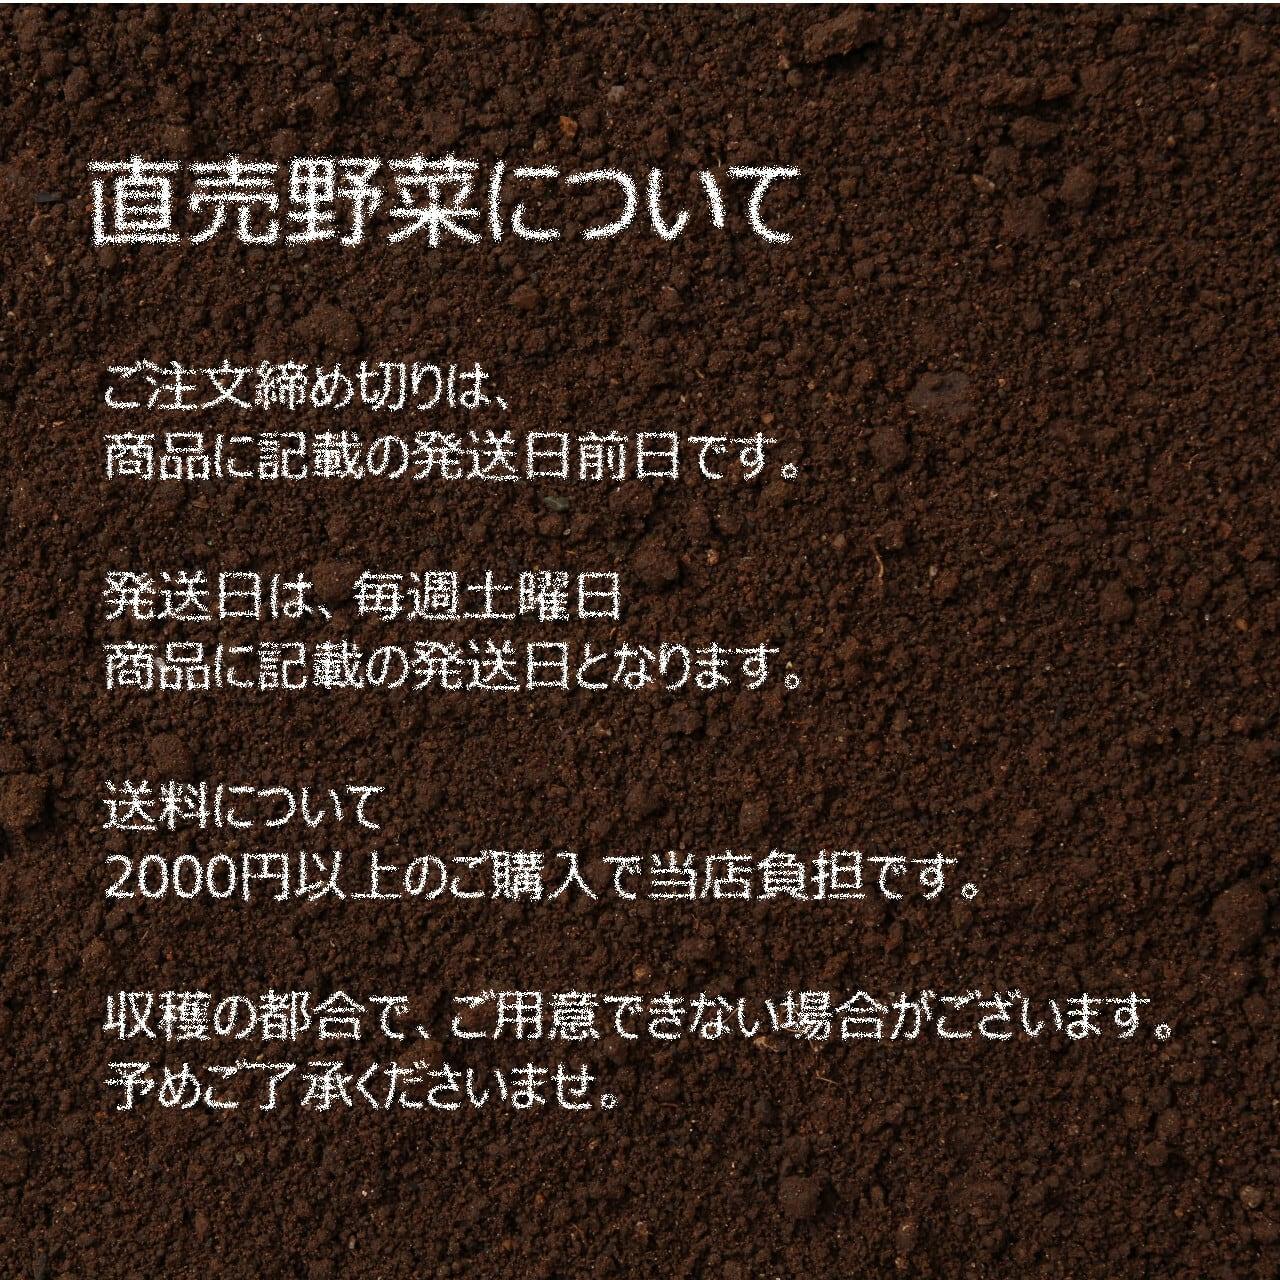 6月の朝採り直売野菜 : キュウリ 3~4本 春の新鮮野菜 6月19日発送予定